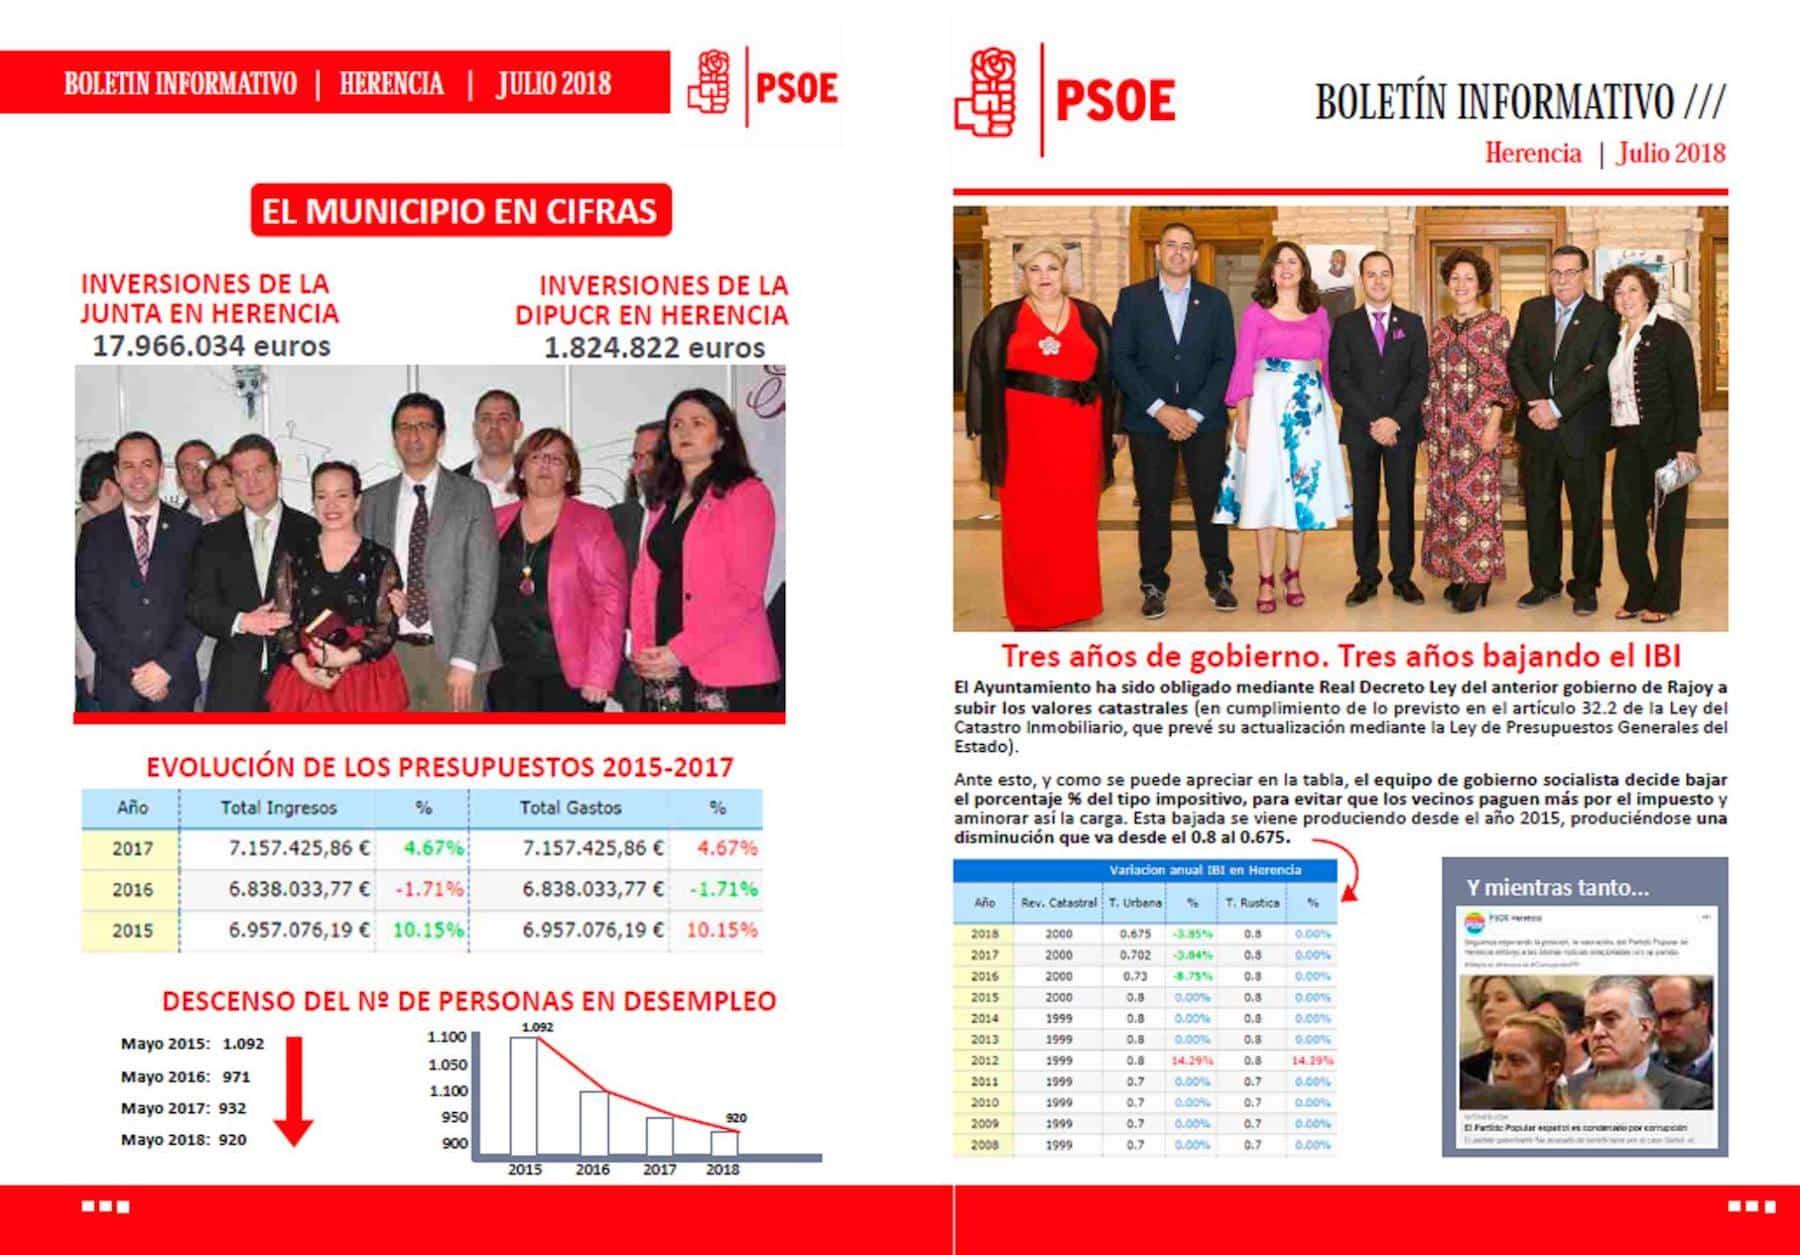 El PSOE de Herencia edita un boletín informativo sobre inversiones en Herencia 5